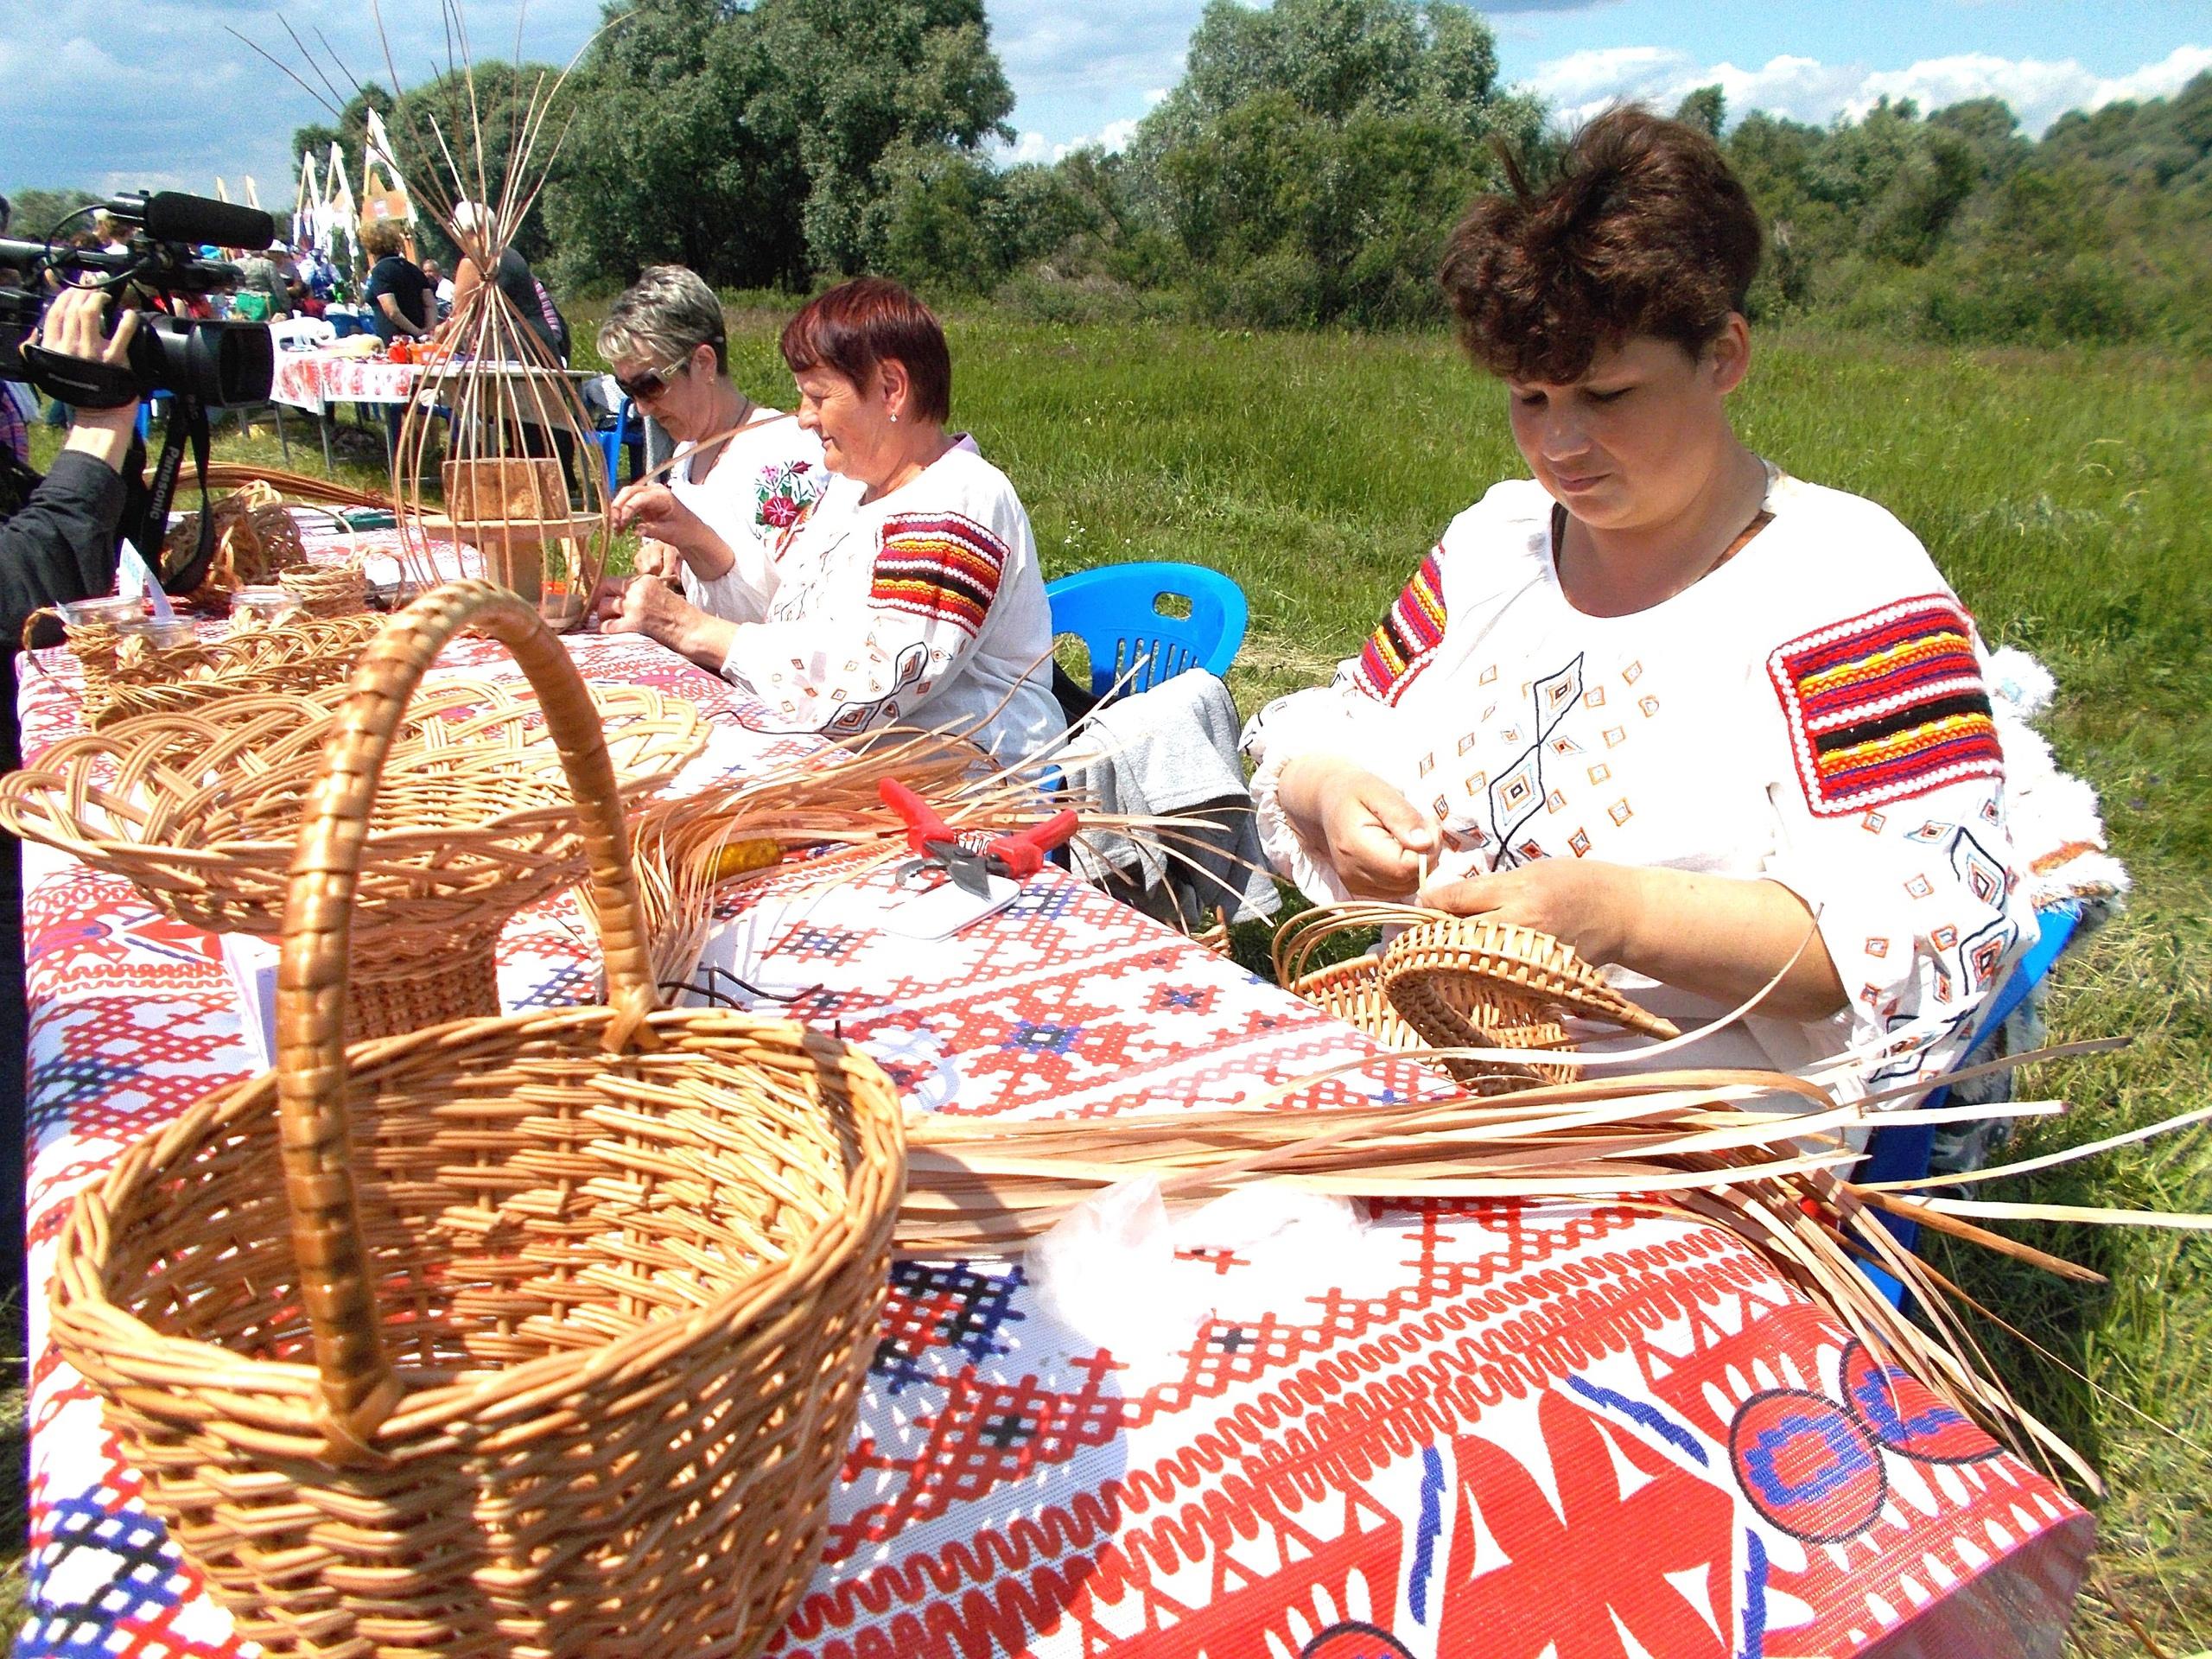 В Кировской области пройдет Всероссийский фестиваль лозоплетения «Ива-Дивная»